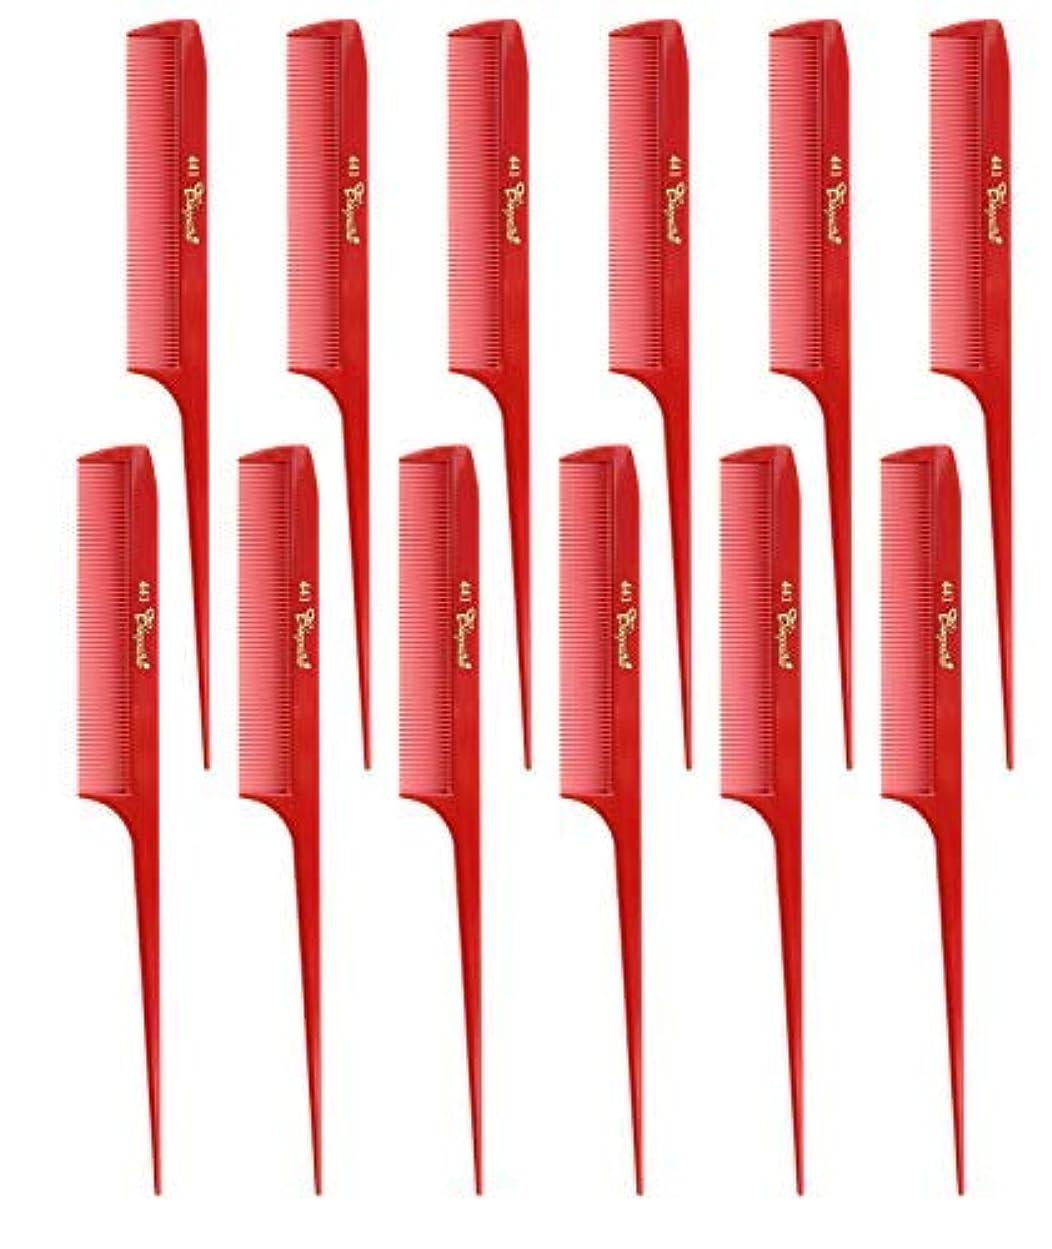 リクルートネイティブ聖人Krest Cleopatra 8-1/2 inch Rattail Combs Extra Fine Tooth. Rat Tail comb Model #441 Color Red. 1 Dozen [並行輸入品]